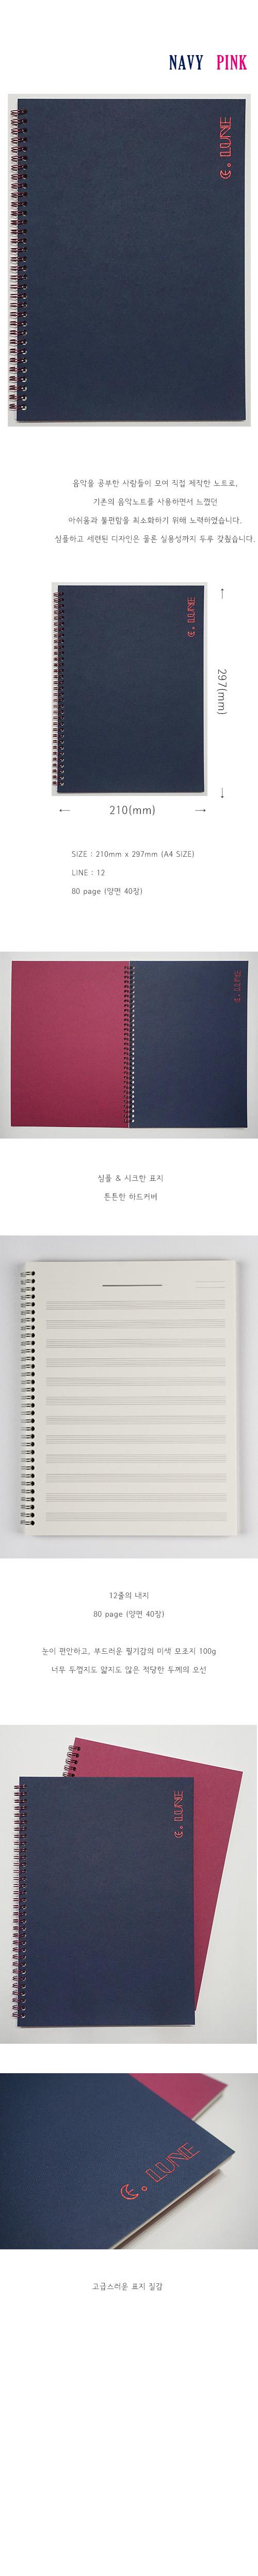 네이핑크 음악노트 - 이룬, 4,500원, 스프링노트, 유선노트